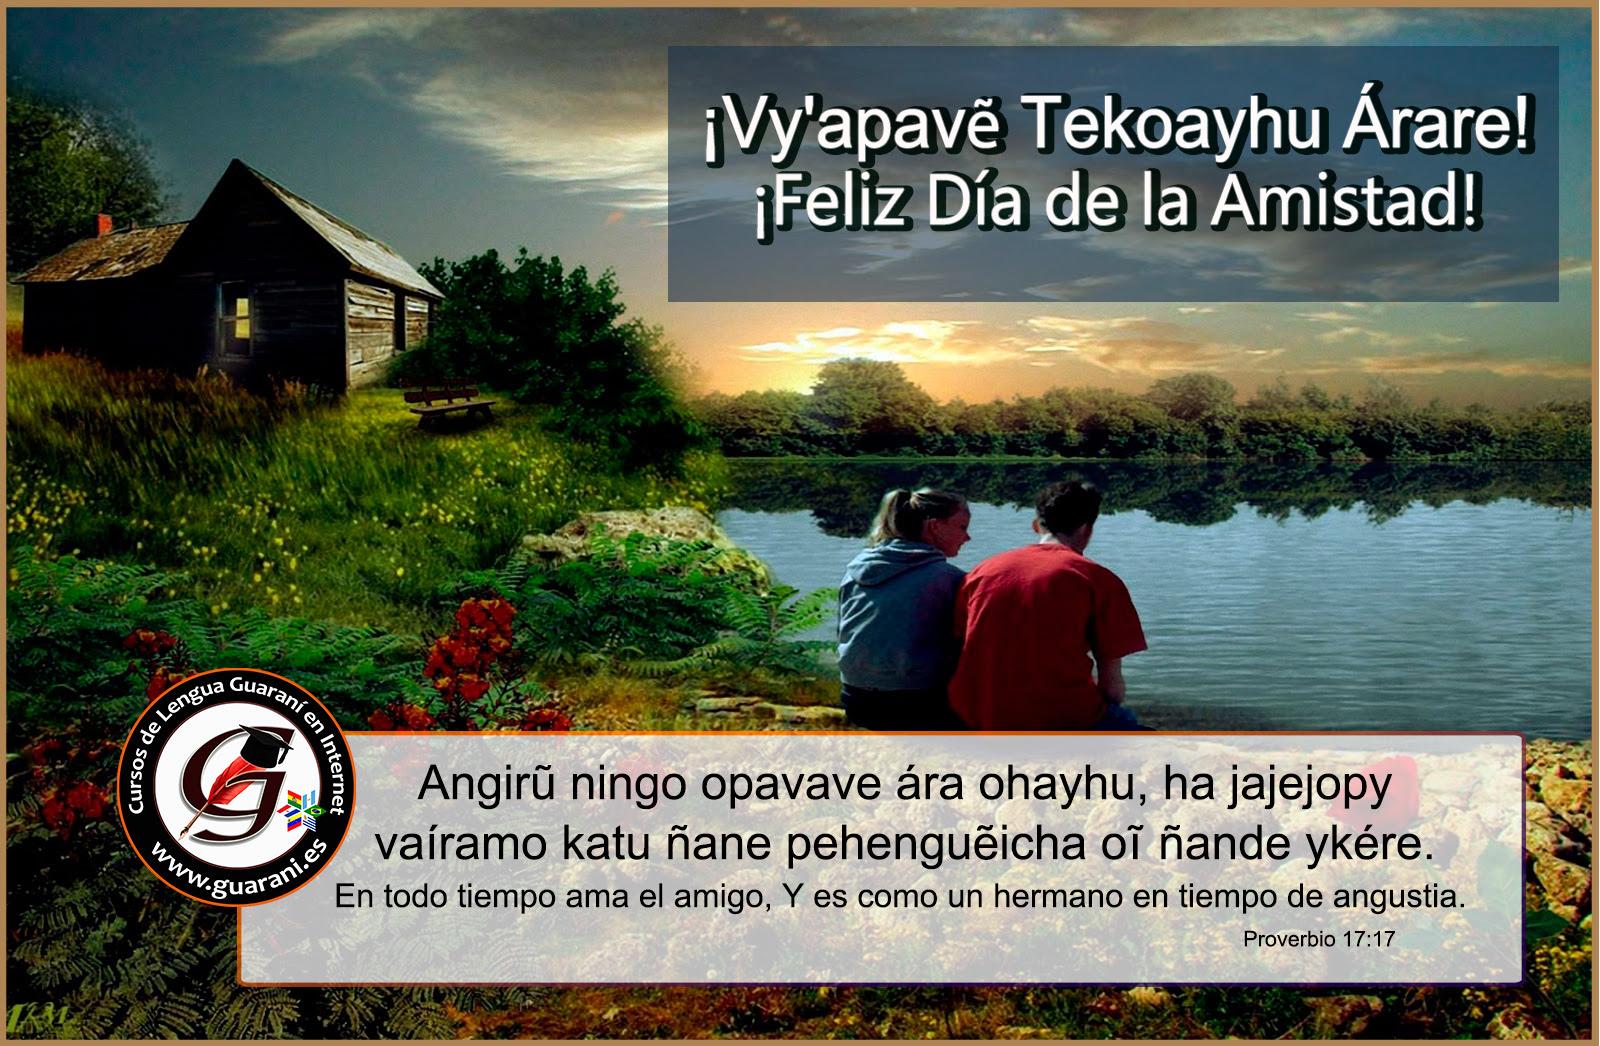 Frases De Amor Y Amistad Cortas Biblicas